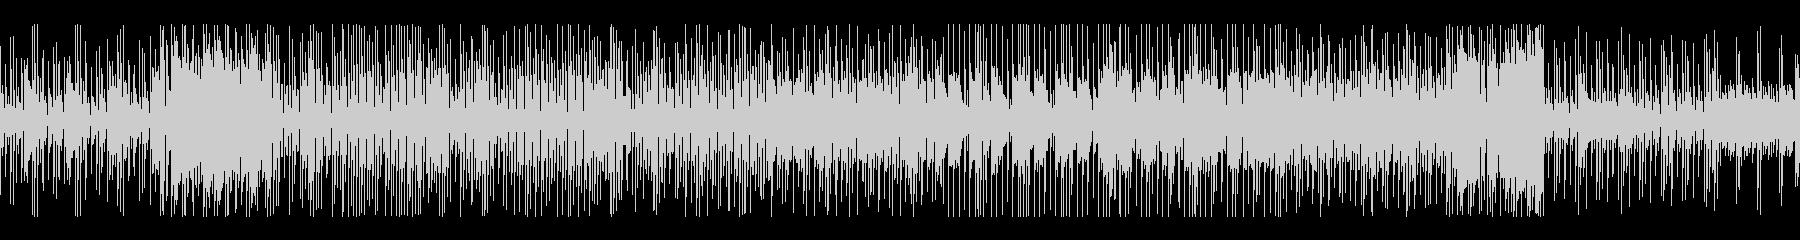 レトロ風メロディとピコピコ音の無限リレーの未再生の波形